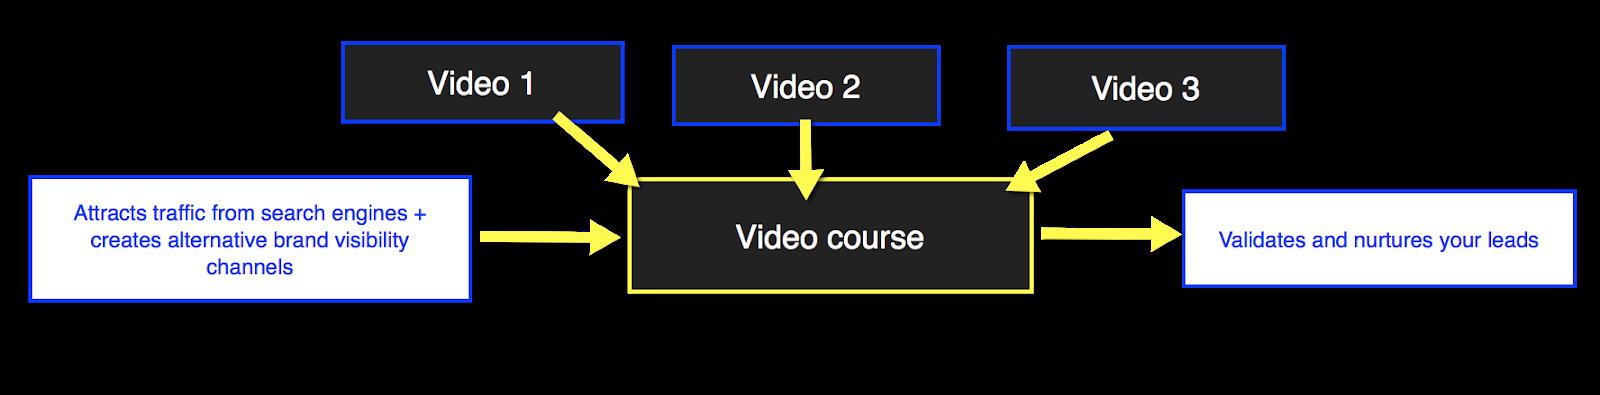 diagramma che mostra come tre video si incastrano in un corso per attrarre e coltivare lead.